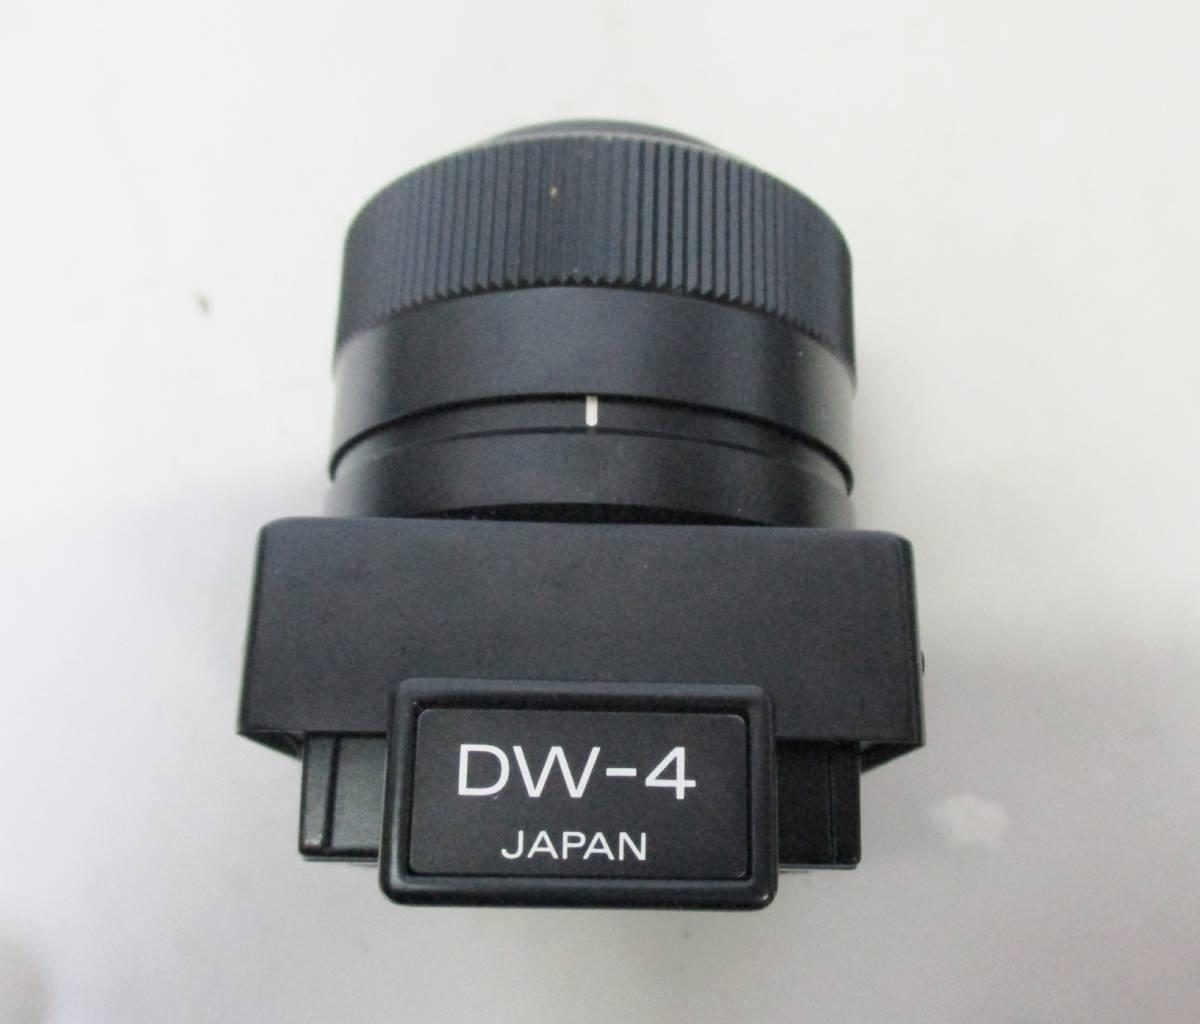 14 05-137132-23 Nikon ニコン F ボディ DW-4 ファインダー カメラ レンズ 他 まとめてセット 神05_画像9